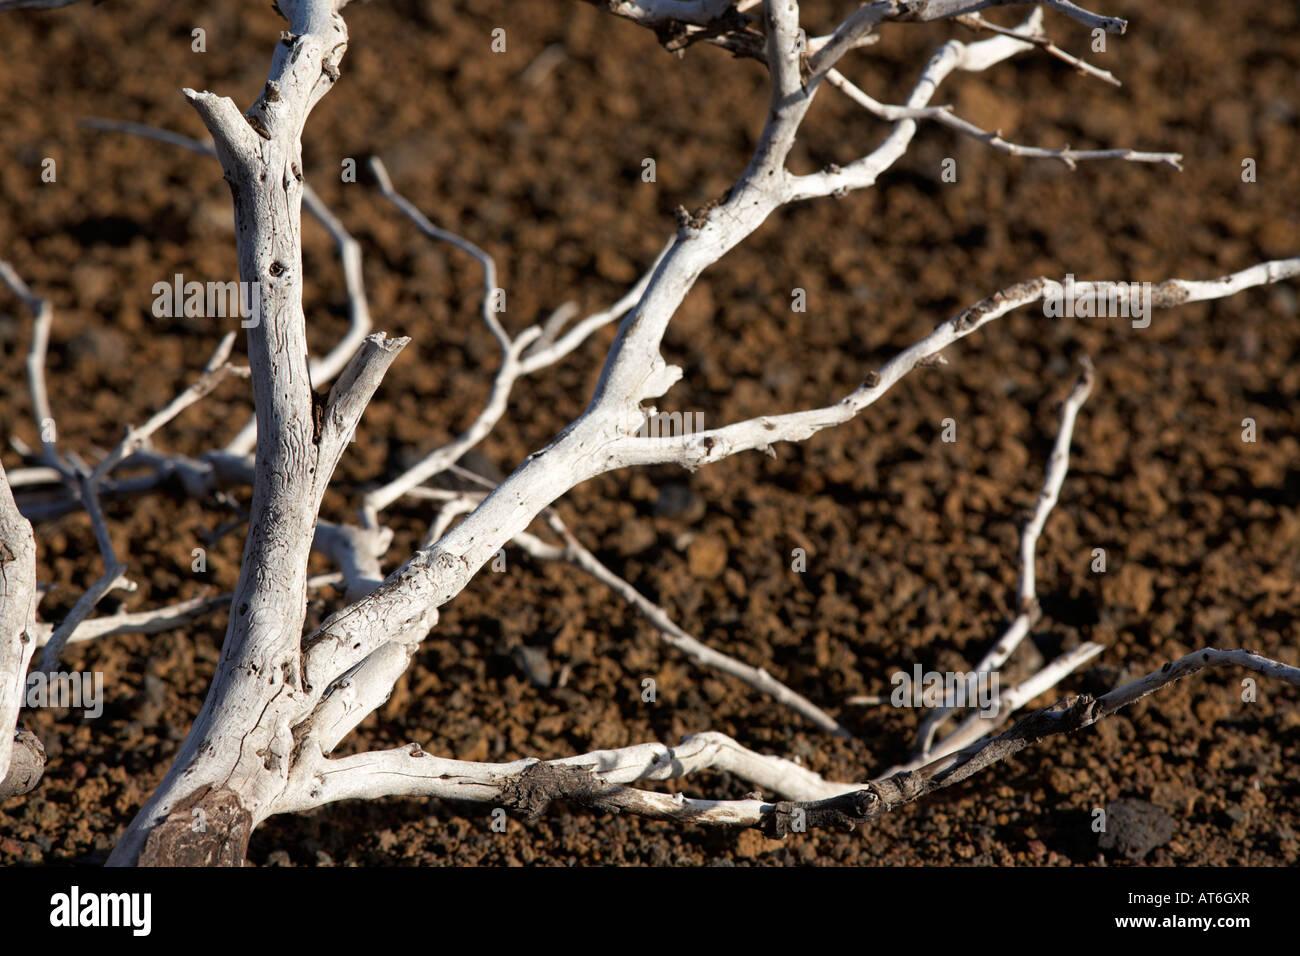 ausgetrocknet tot hölzernen Zweig in vulkanischem Gestein liegen Wüste Teneriffa-Kanarische Inseln-Spanien Stockbild